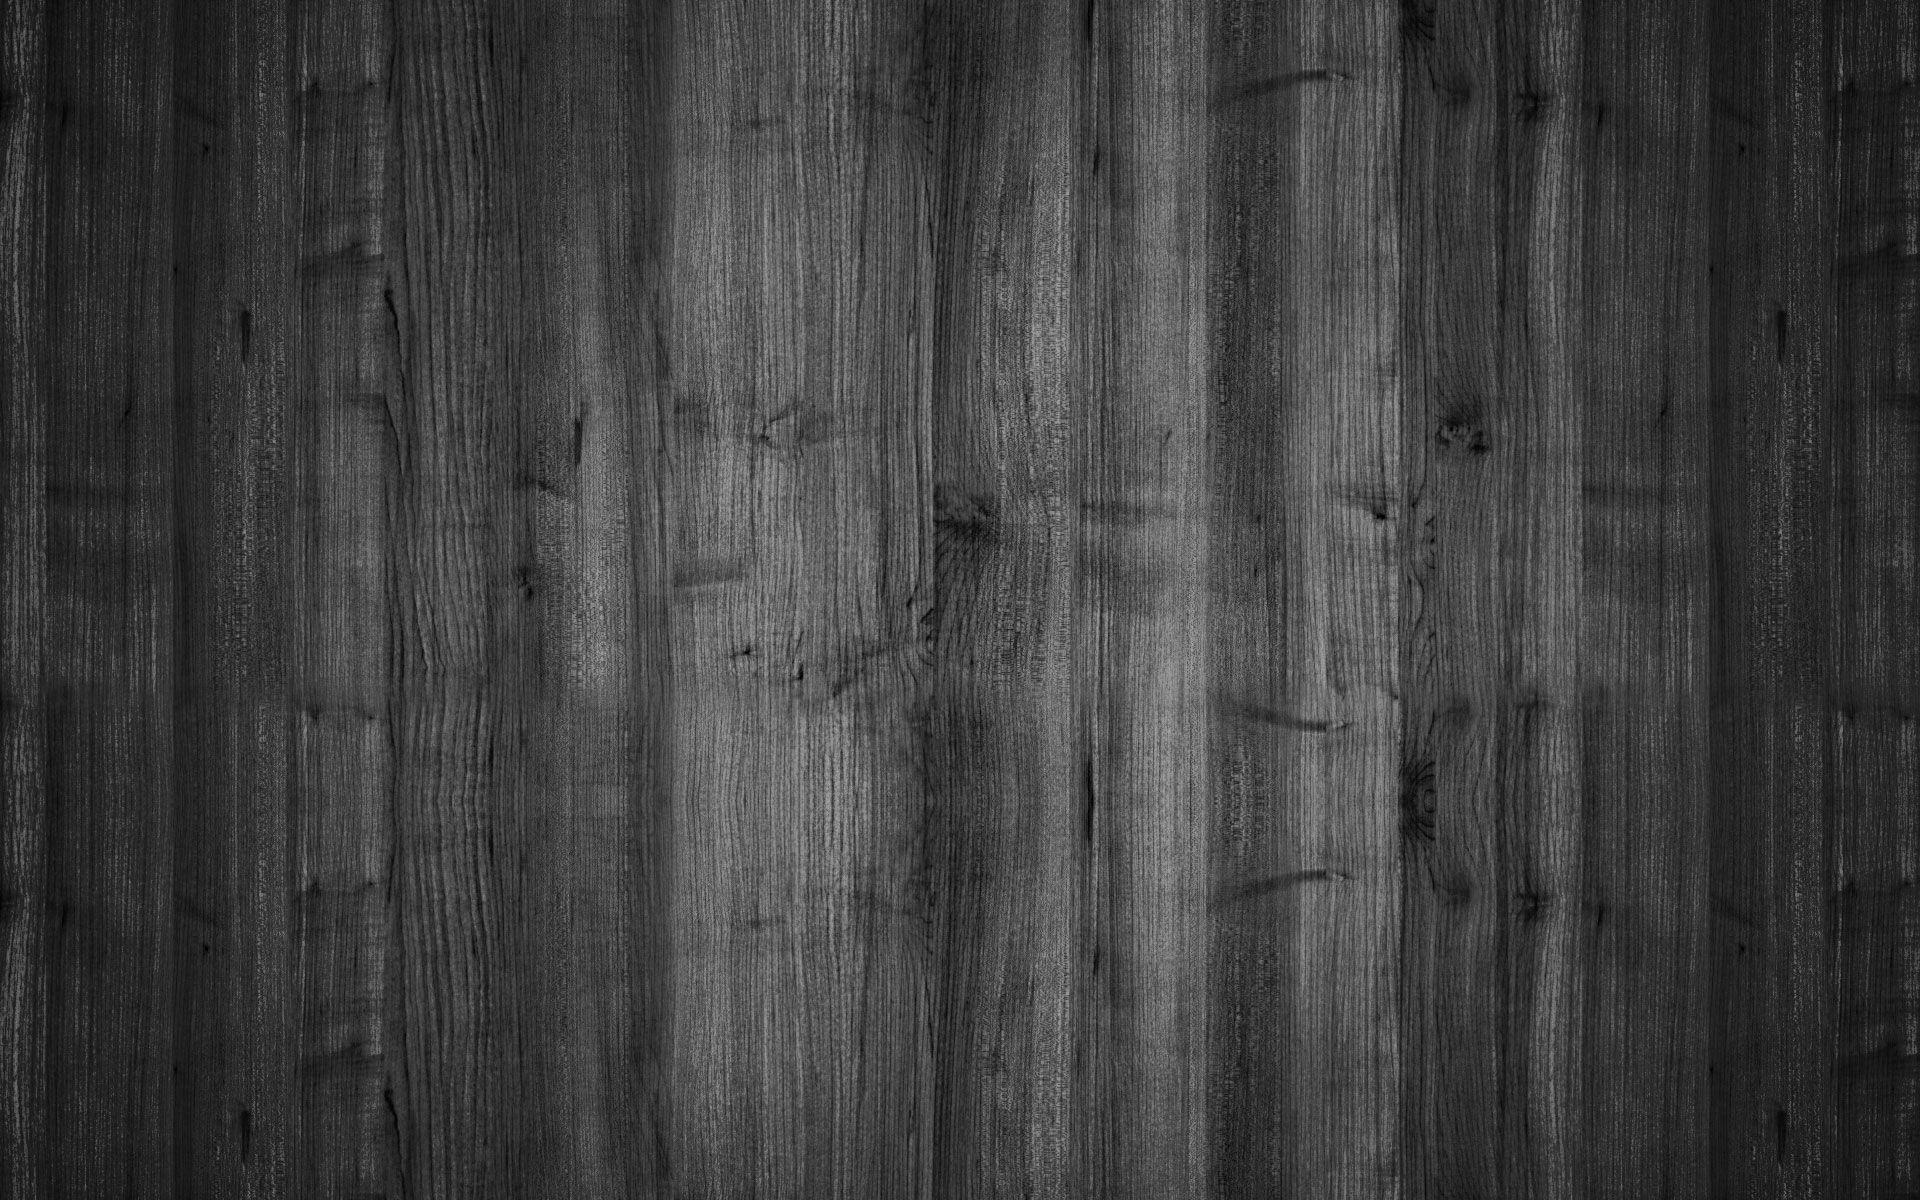 1920x1200 hd wallpaper dark wood - photo #13